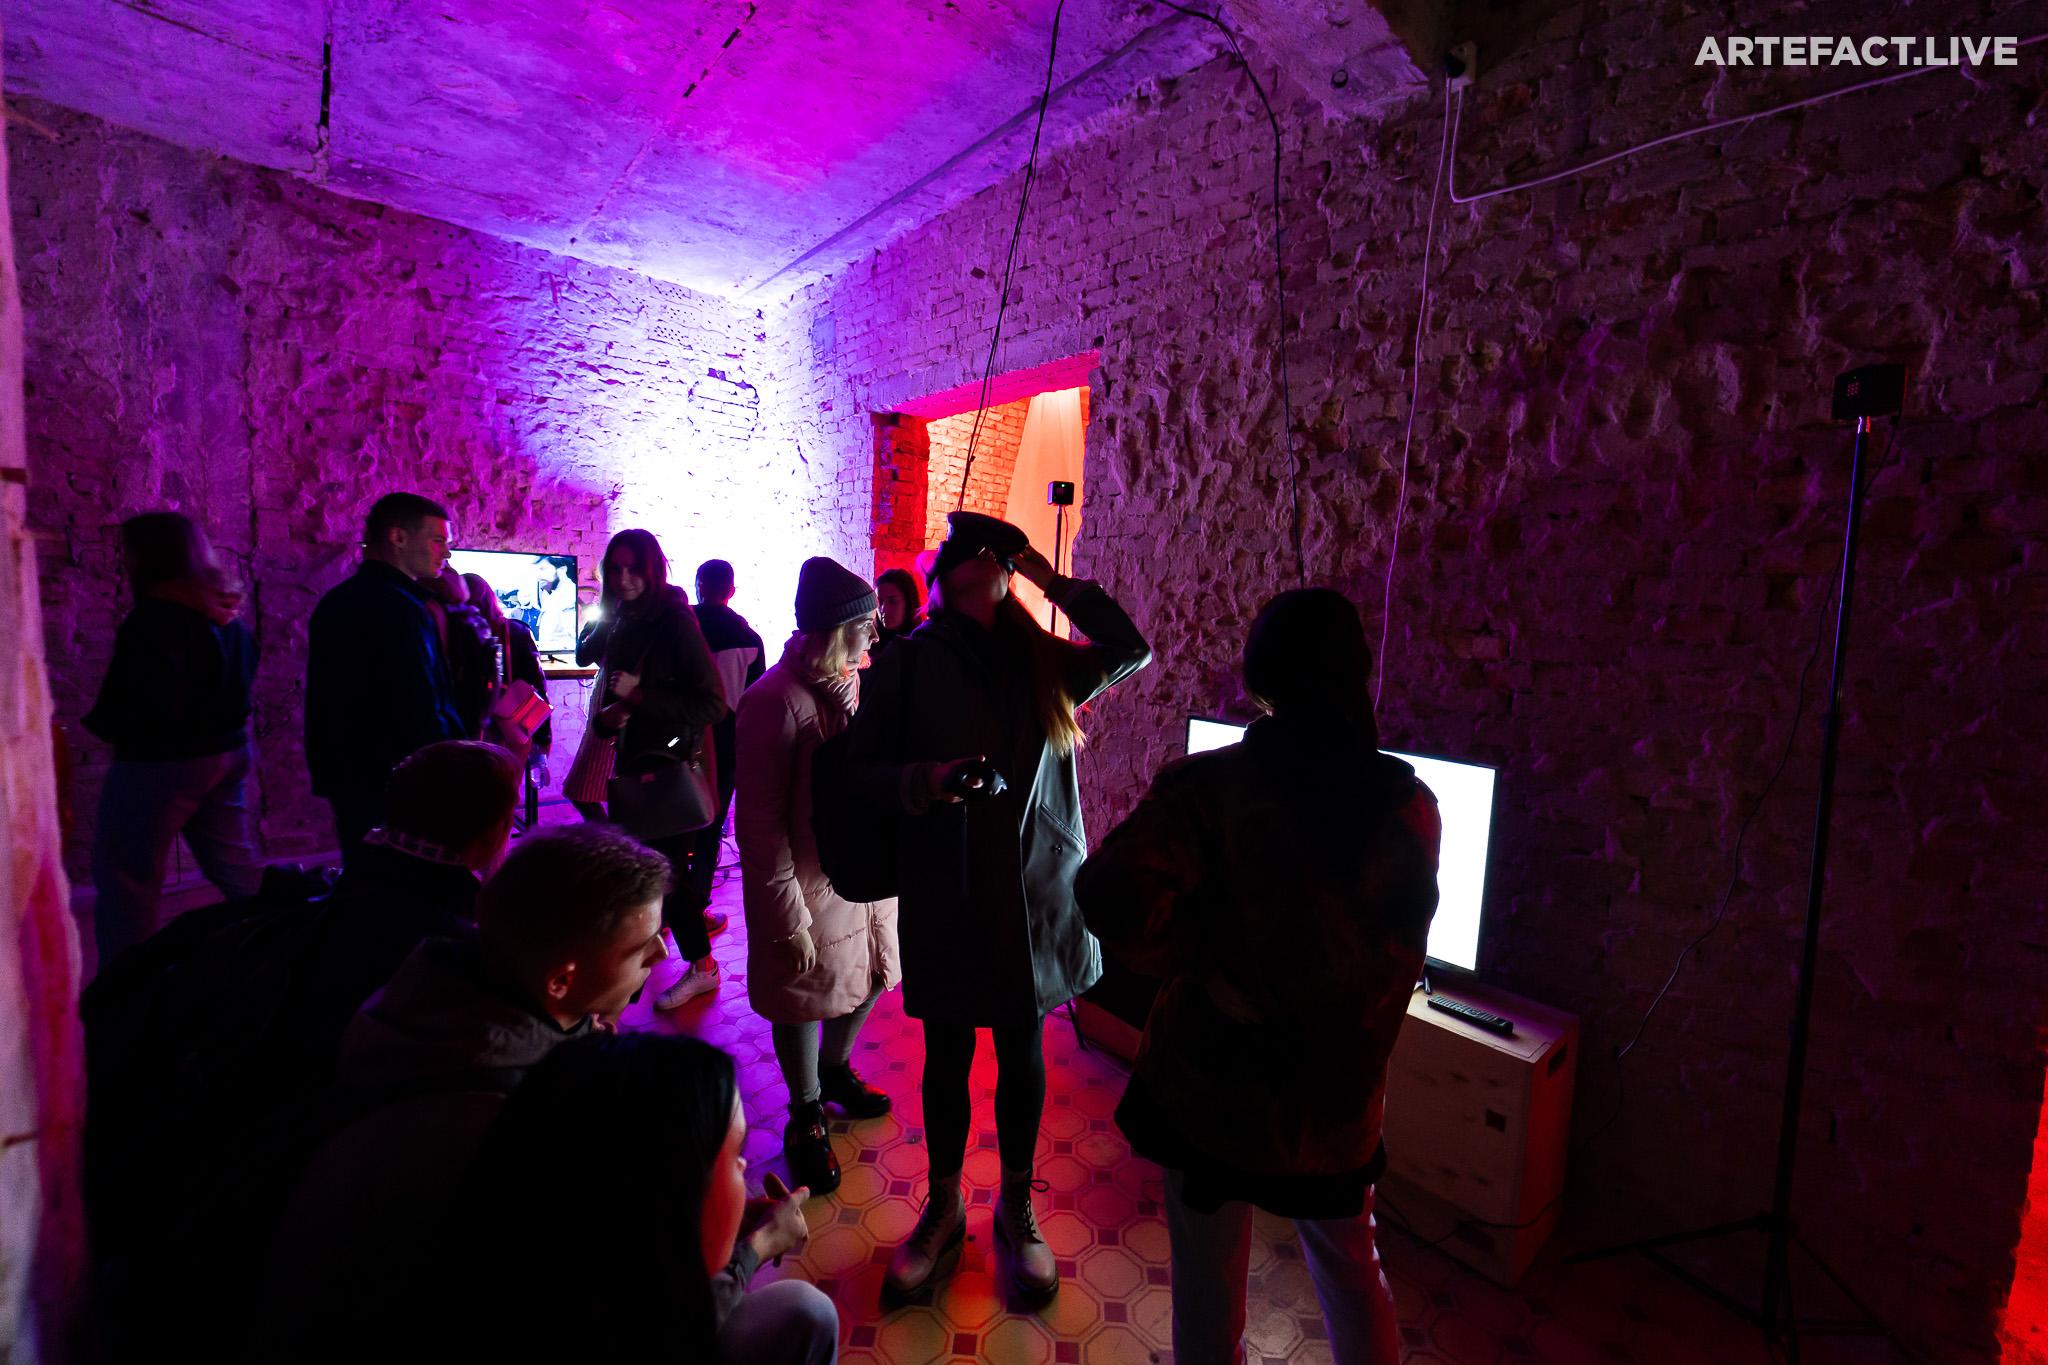 Alfredo Garcia Barroso (Spain) предложил в виртуальной реальности почувствовать влияние собственных слов в пространство.